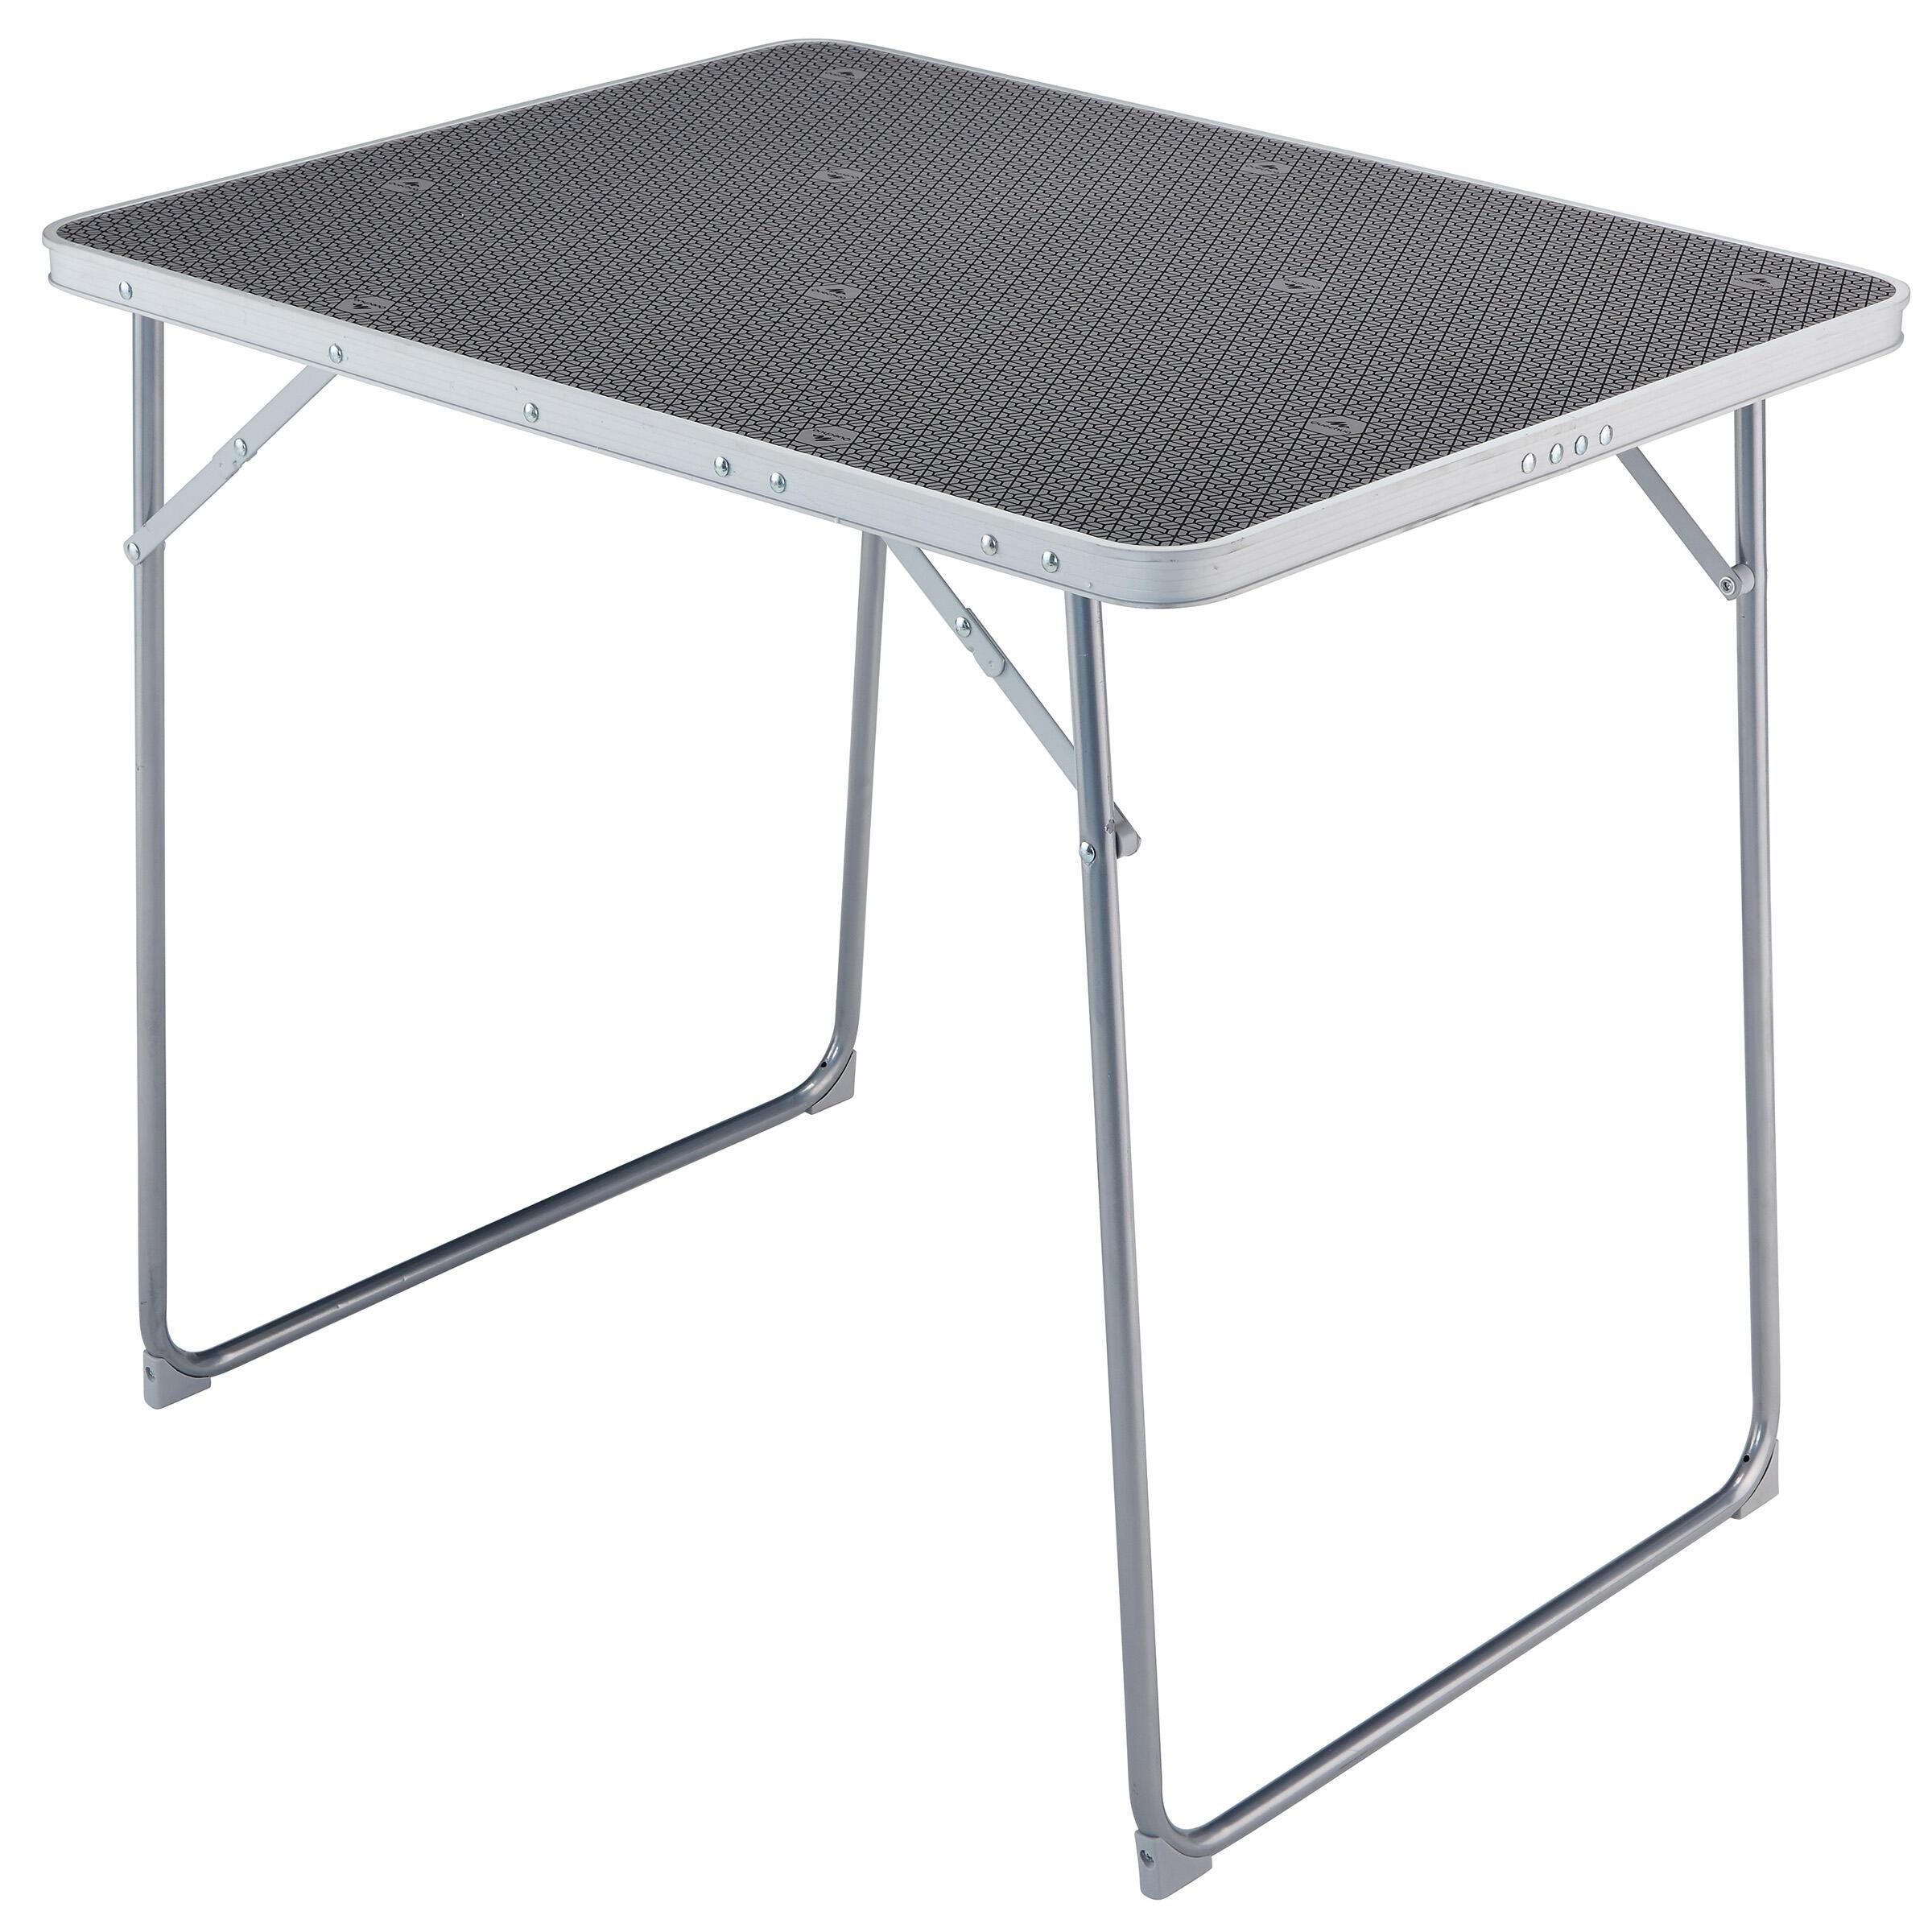 Table de camping/camp du randonneur 4 personnes grise